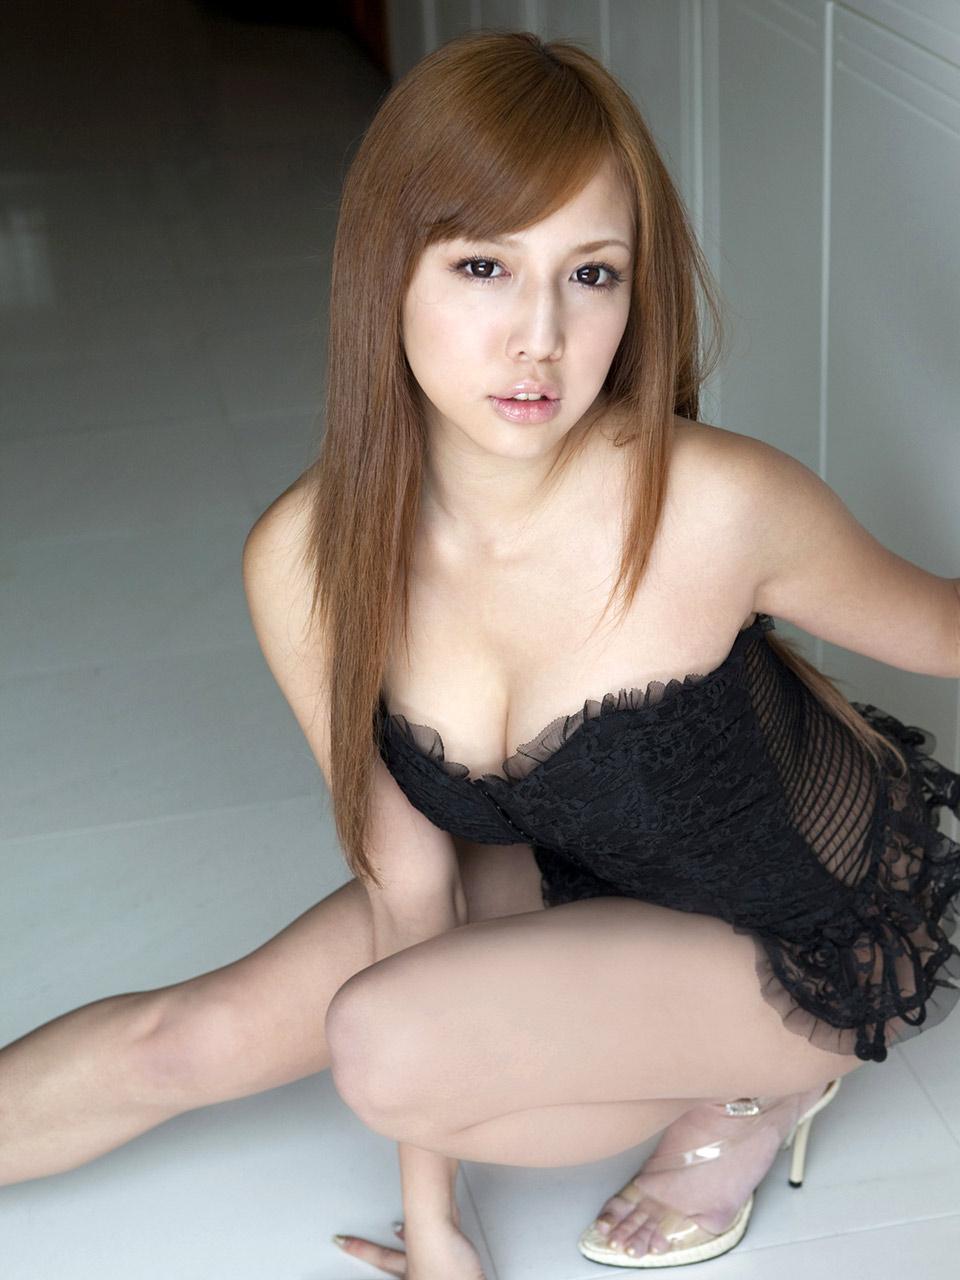 manami marutaka sexy lingerie pics 03